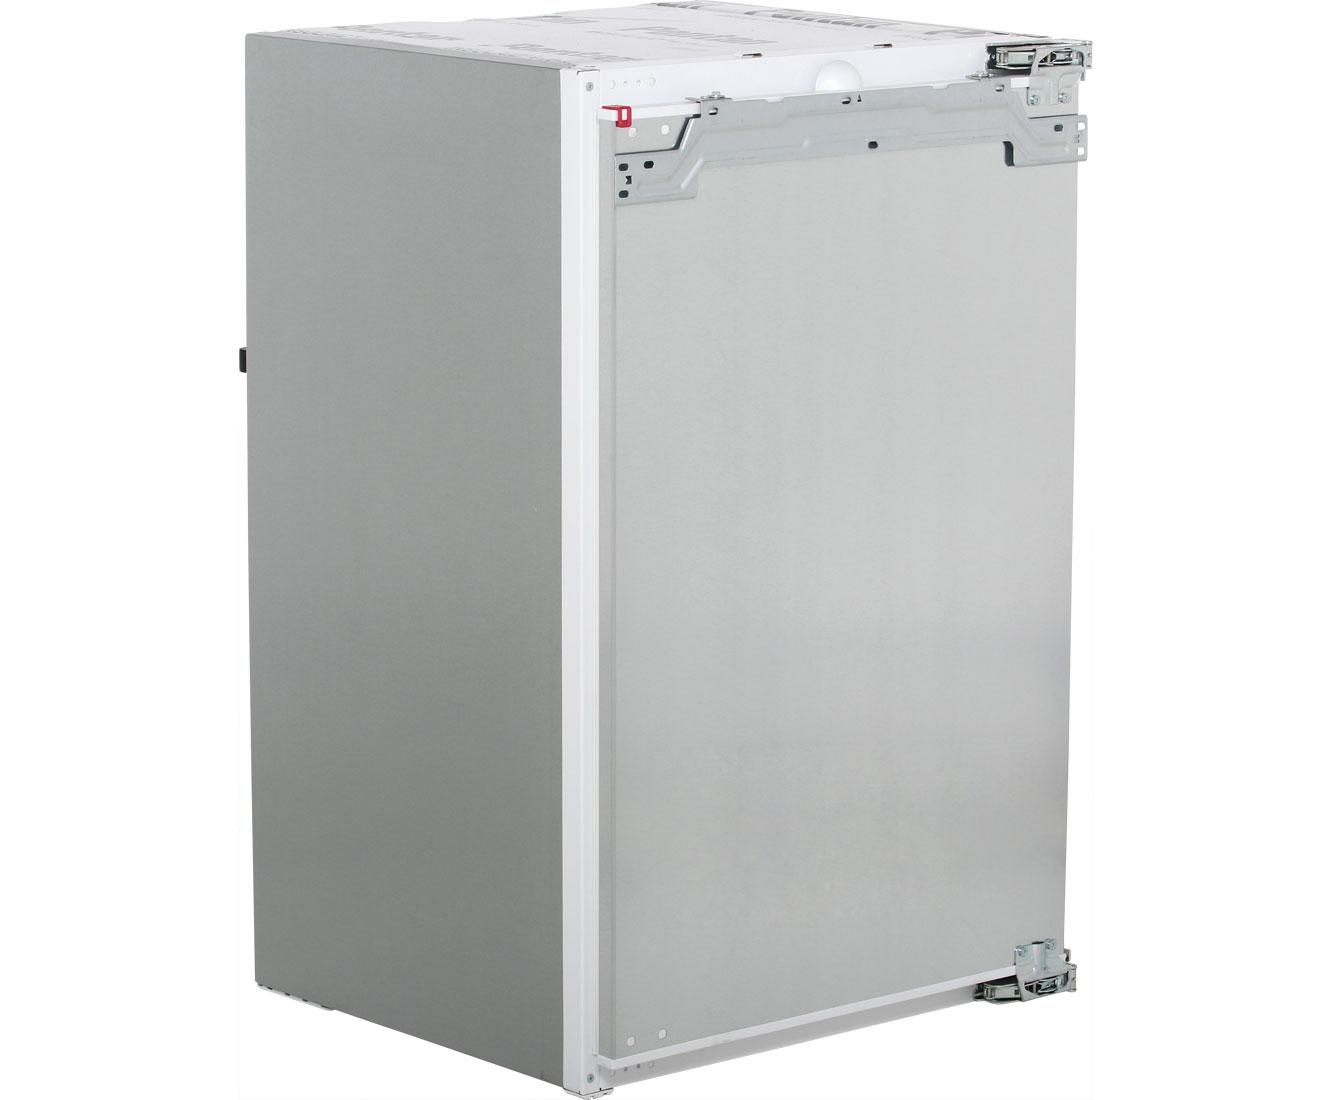 Bosch Kühlschrank Vergleich : Bosch serie kil v einbau kühlschrank mit gefrierfach er